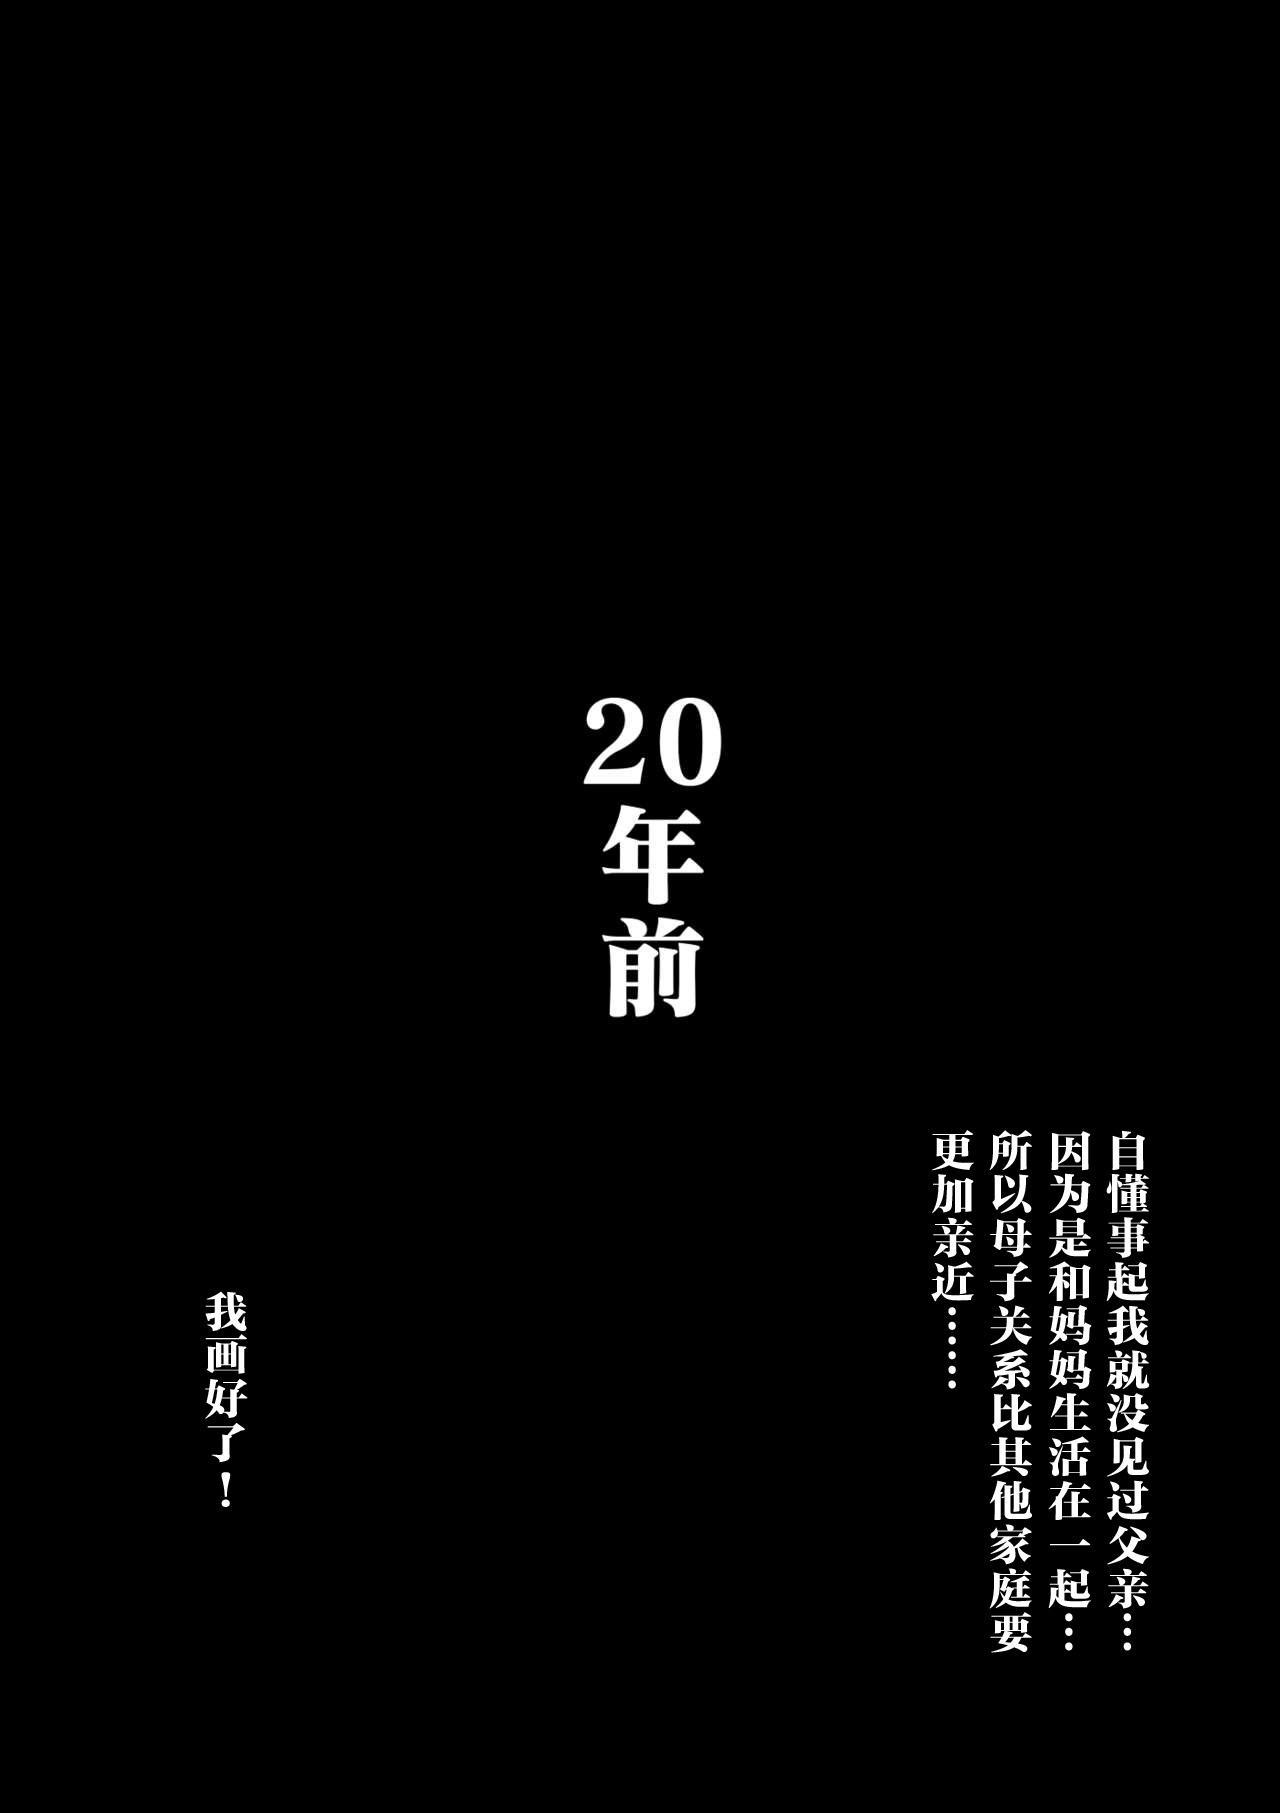 [Oozora Kaiko] Kaa-san to Ore no 20-nenshi ~Waga Ie no Kinshin Soukan Kaikoroku [Chinese] [金麦基个人汉化] 2